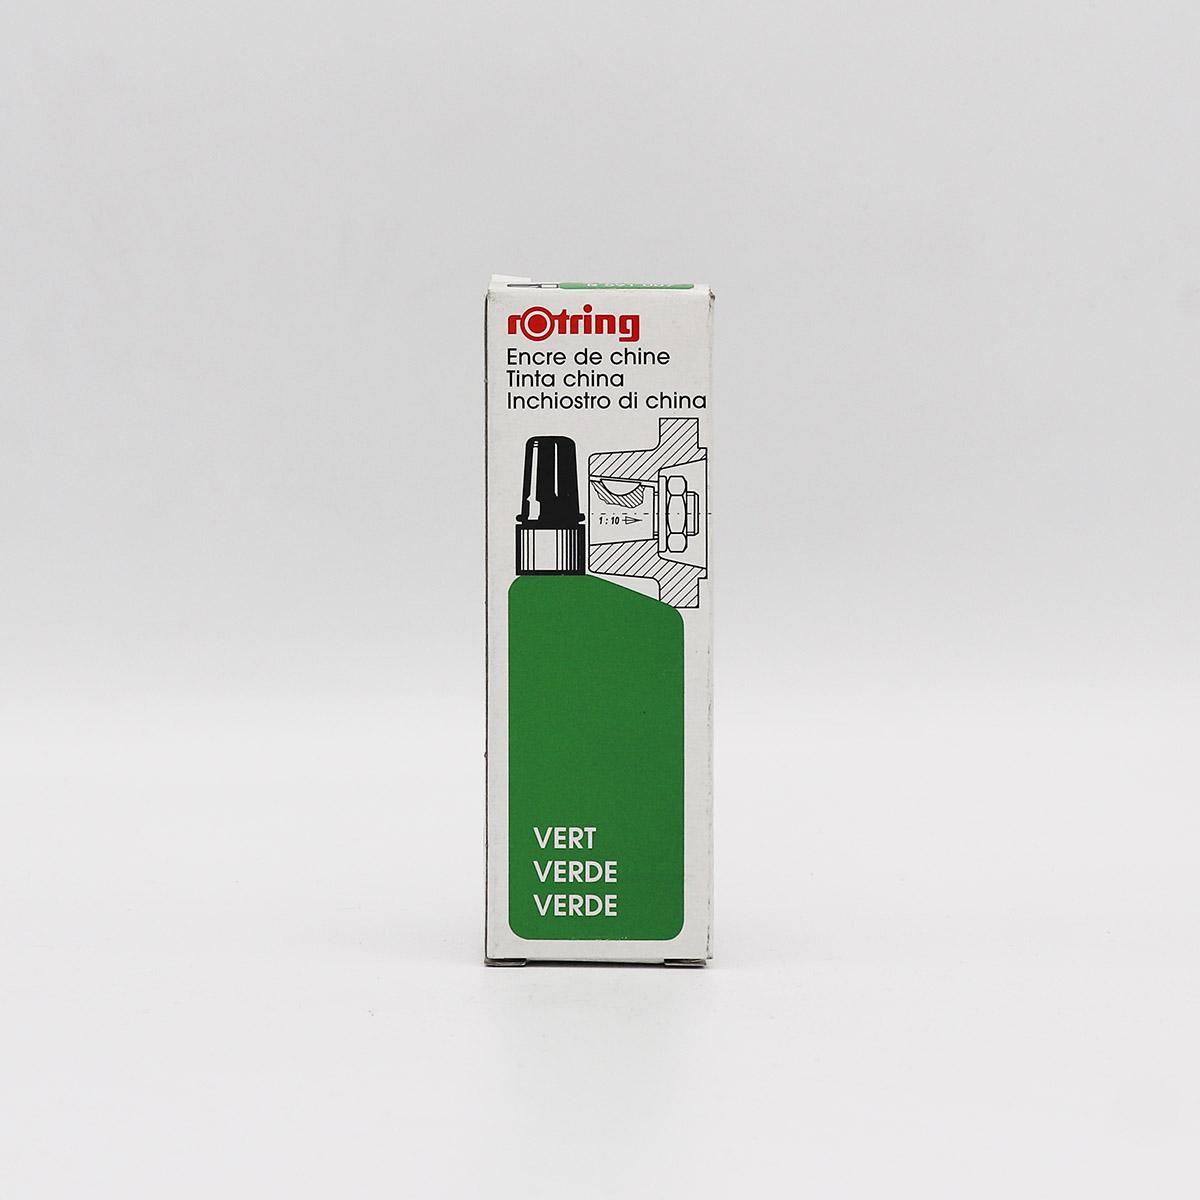 جوهر 23ميل راپيد روترينگ - سبز